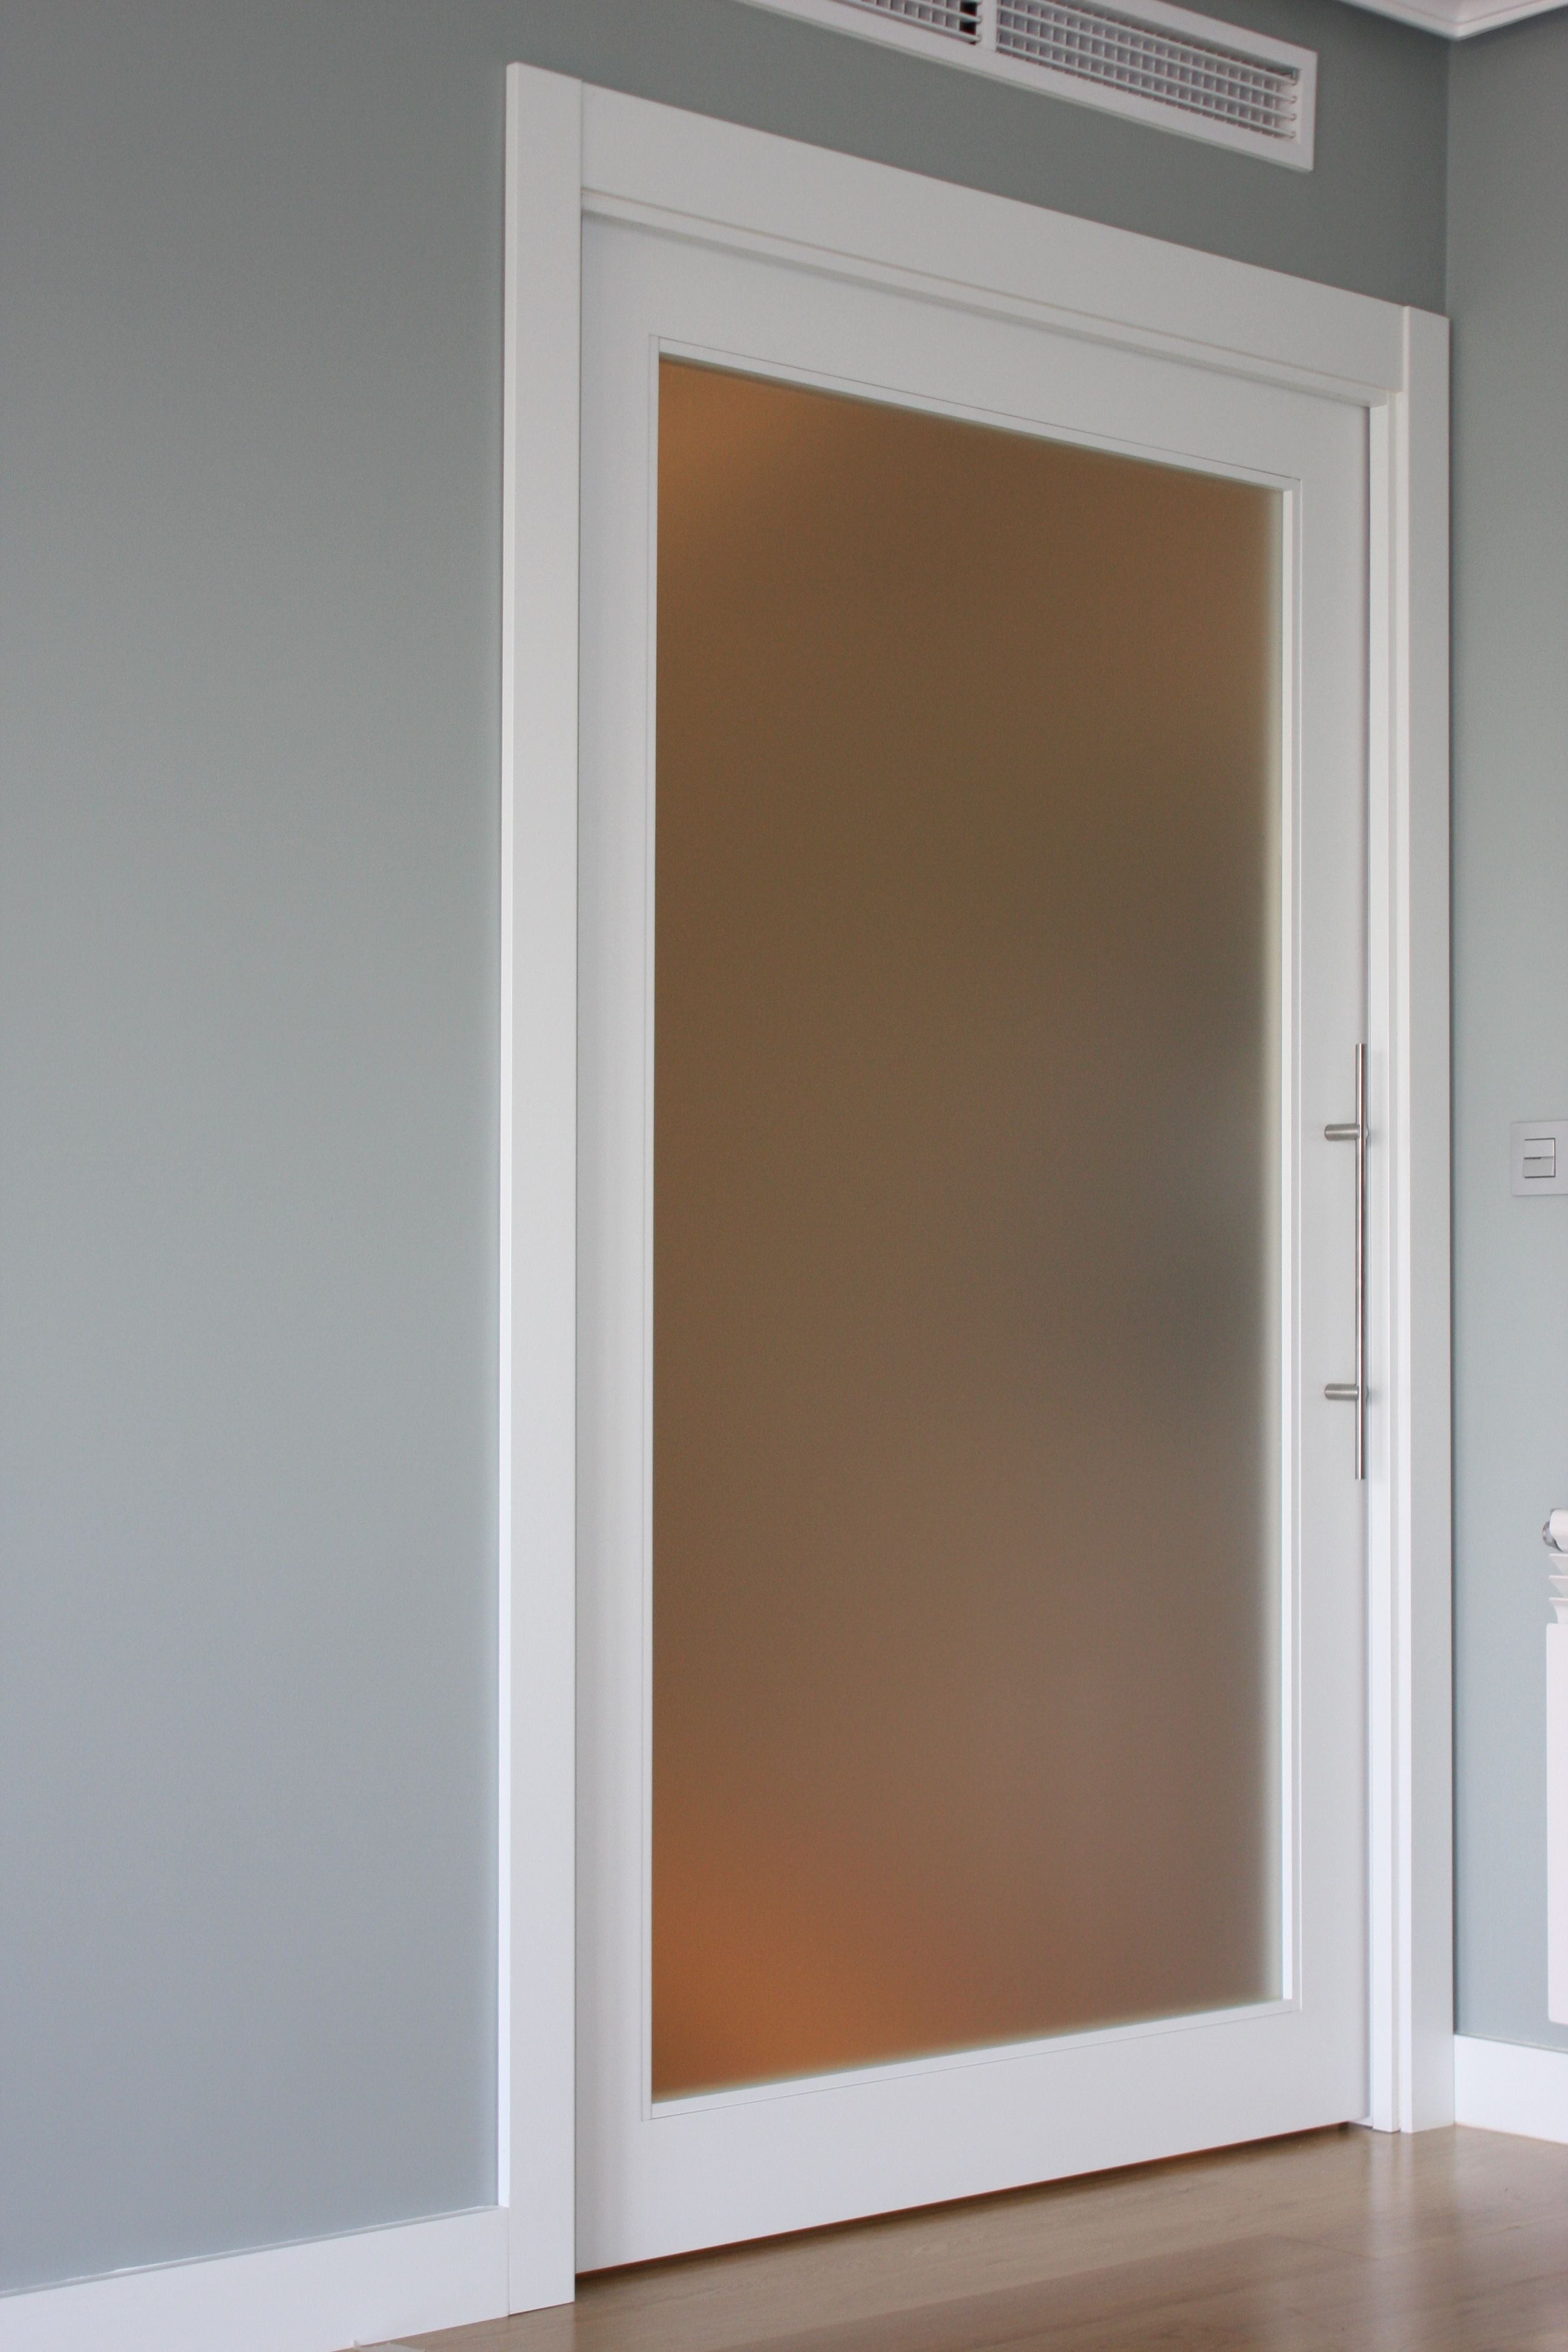 Puertas correderas cristal baratas simple puertas - Puerta corredera cristal barata ...